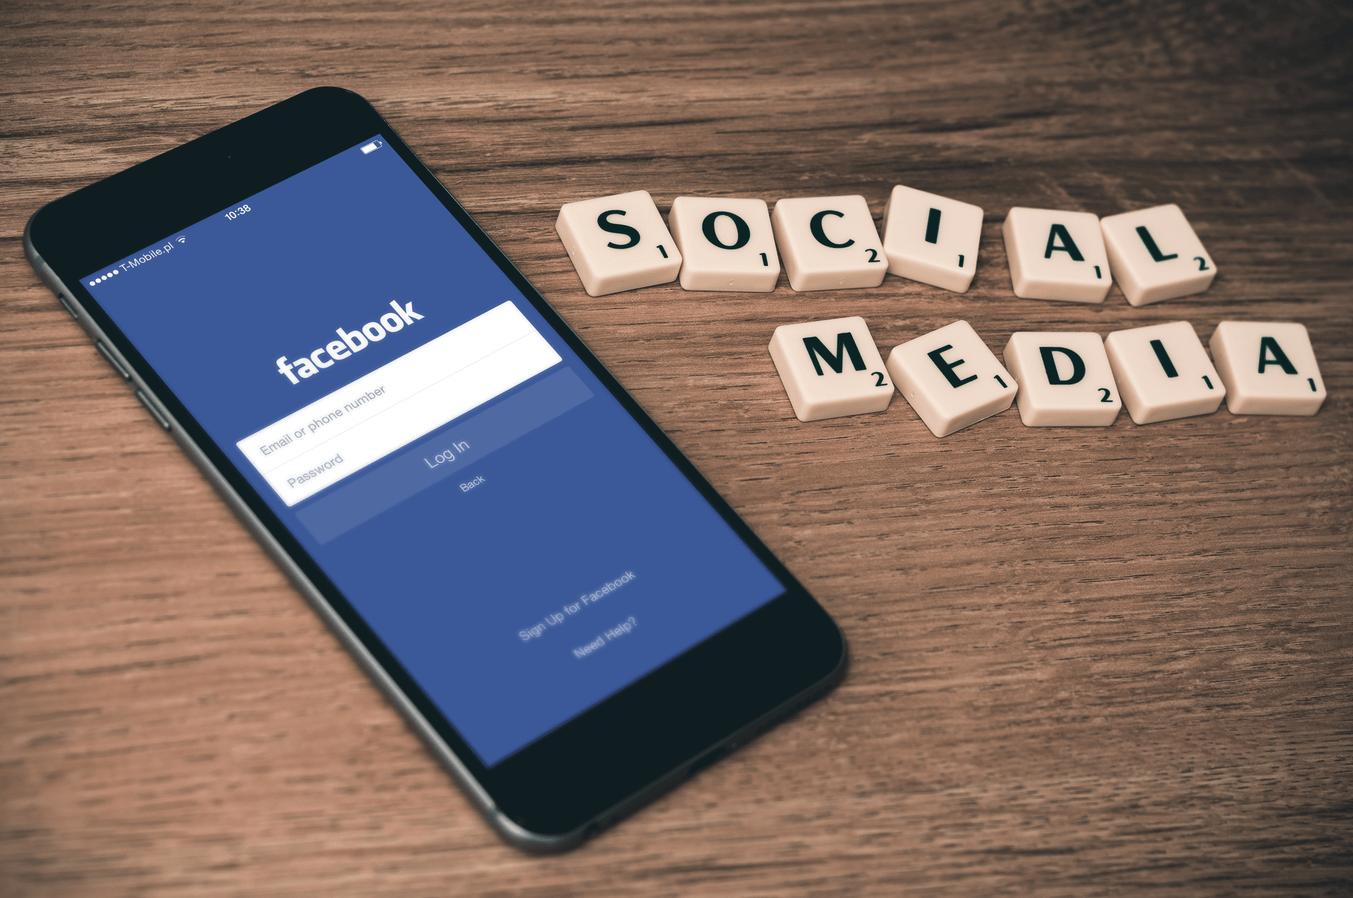 Des lettres et un téléphone représentant les réseaux sociaux